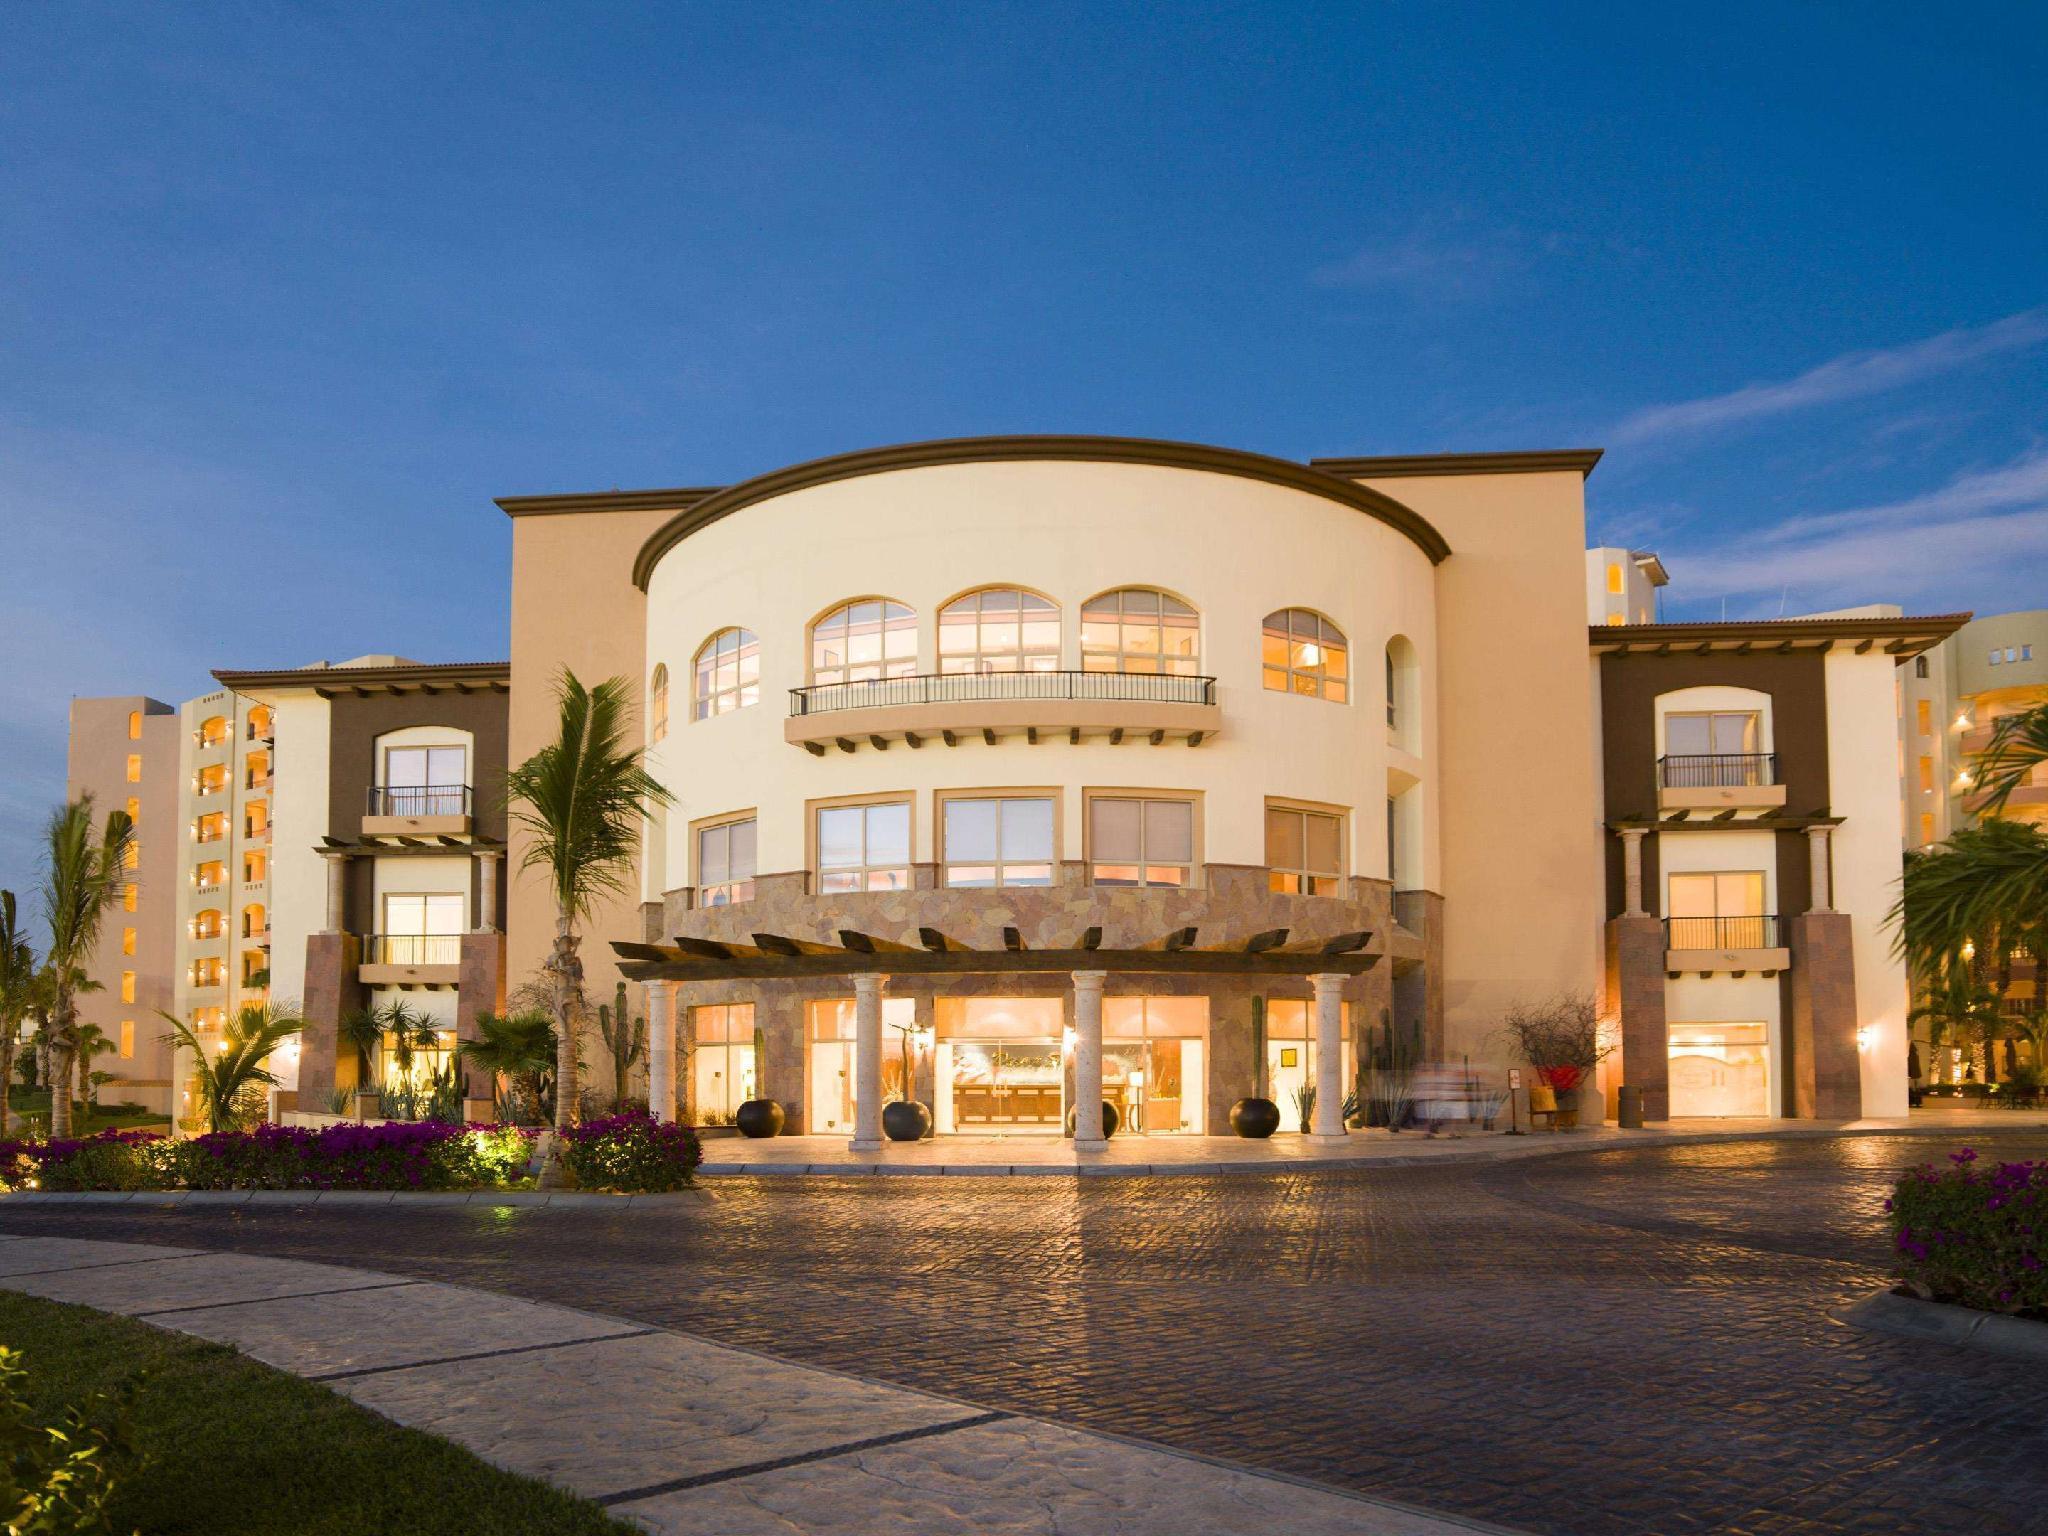 Villa La Estancia Beach Resort And Spa Los Cabos